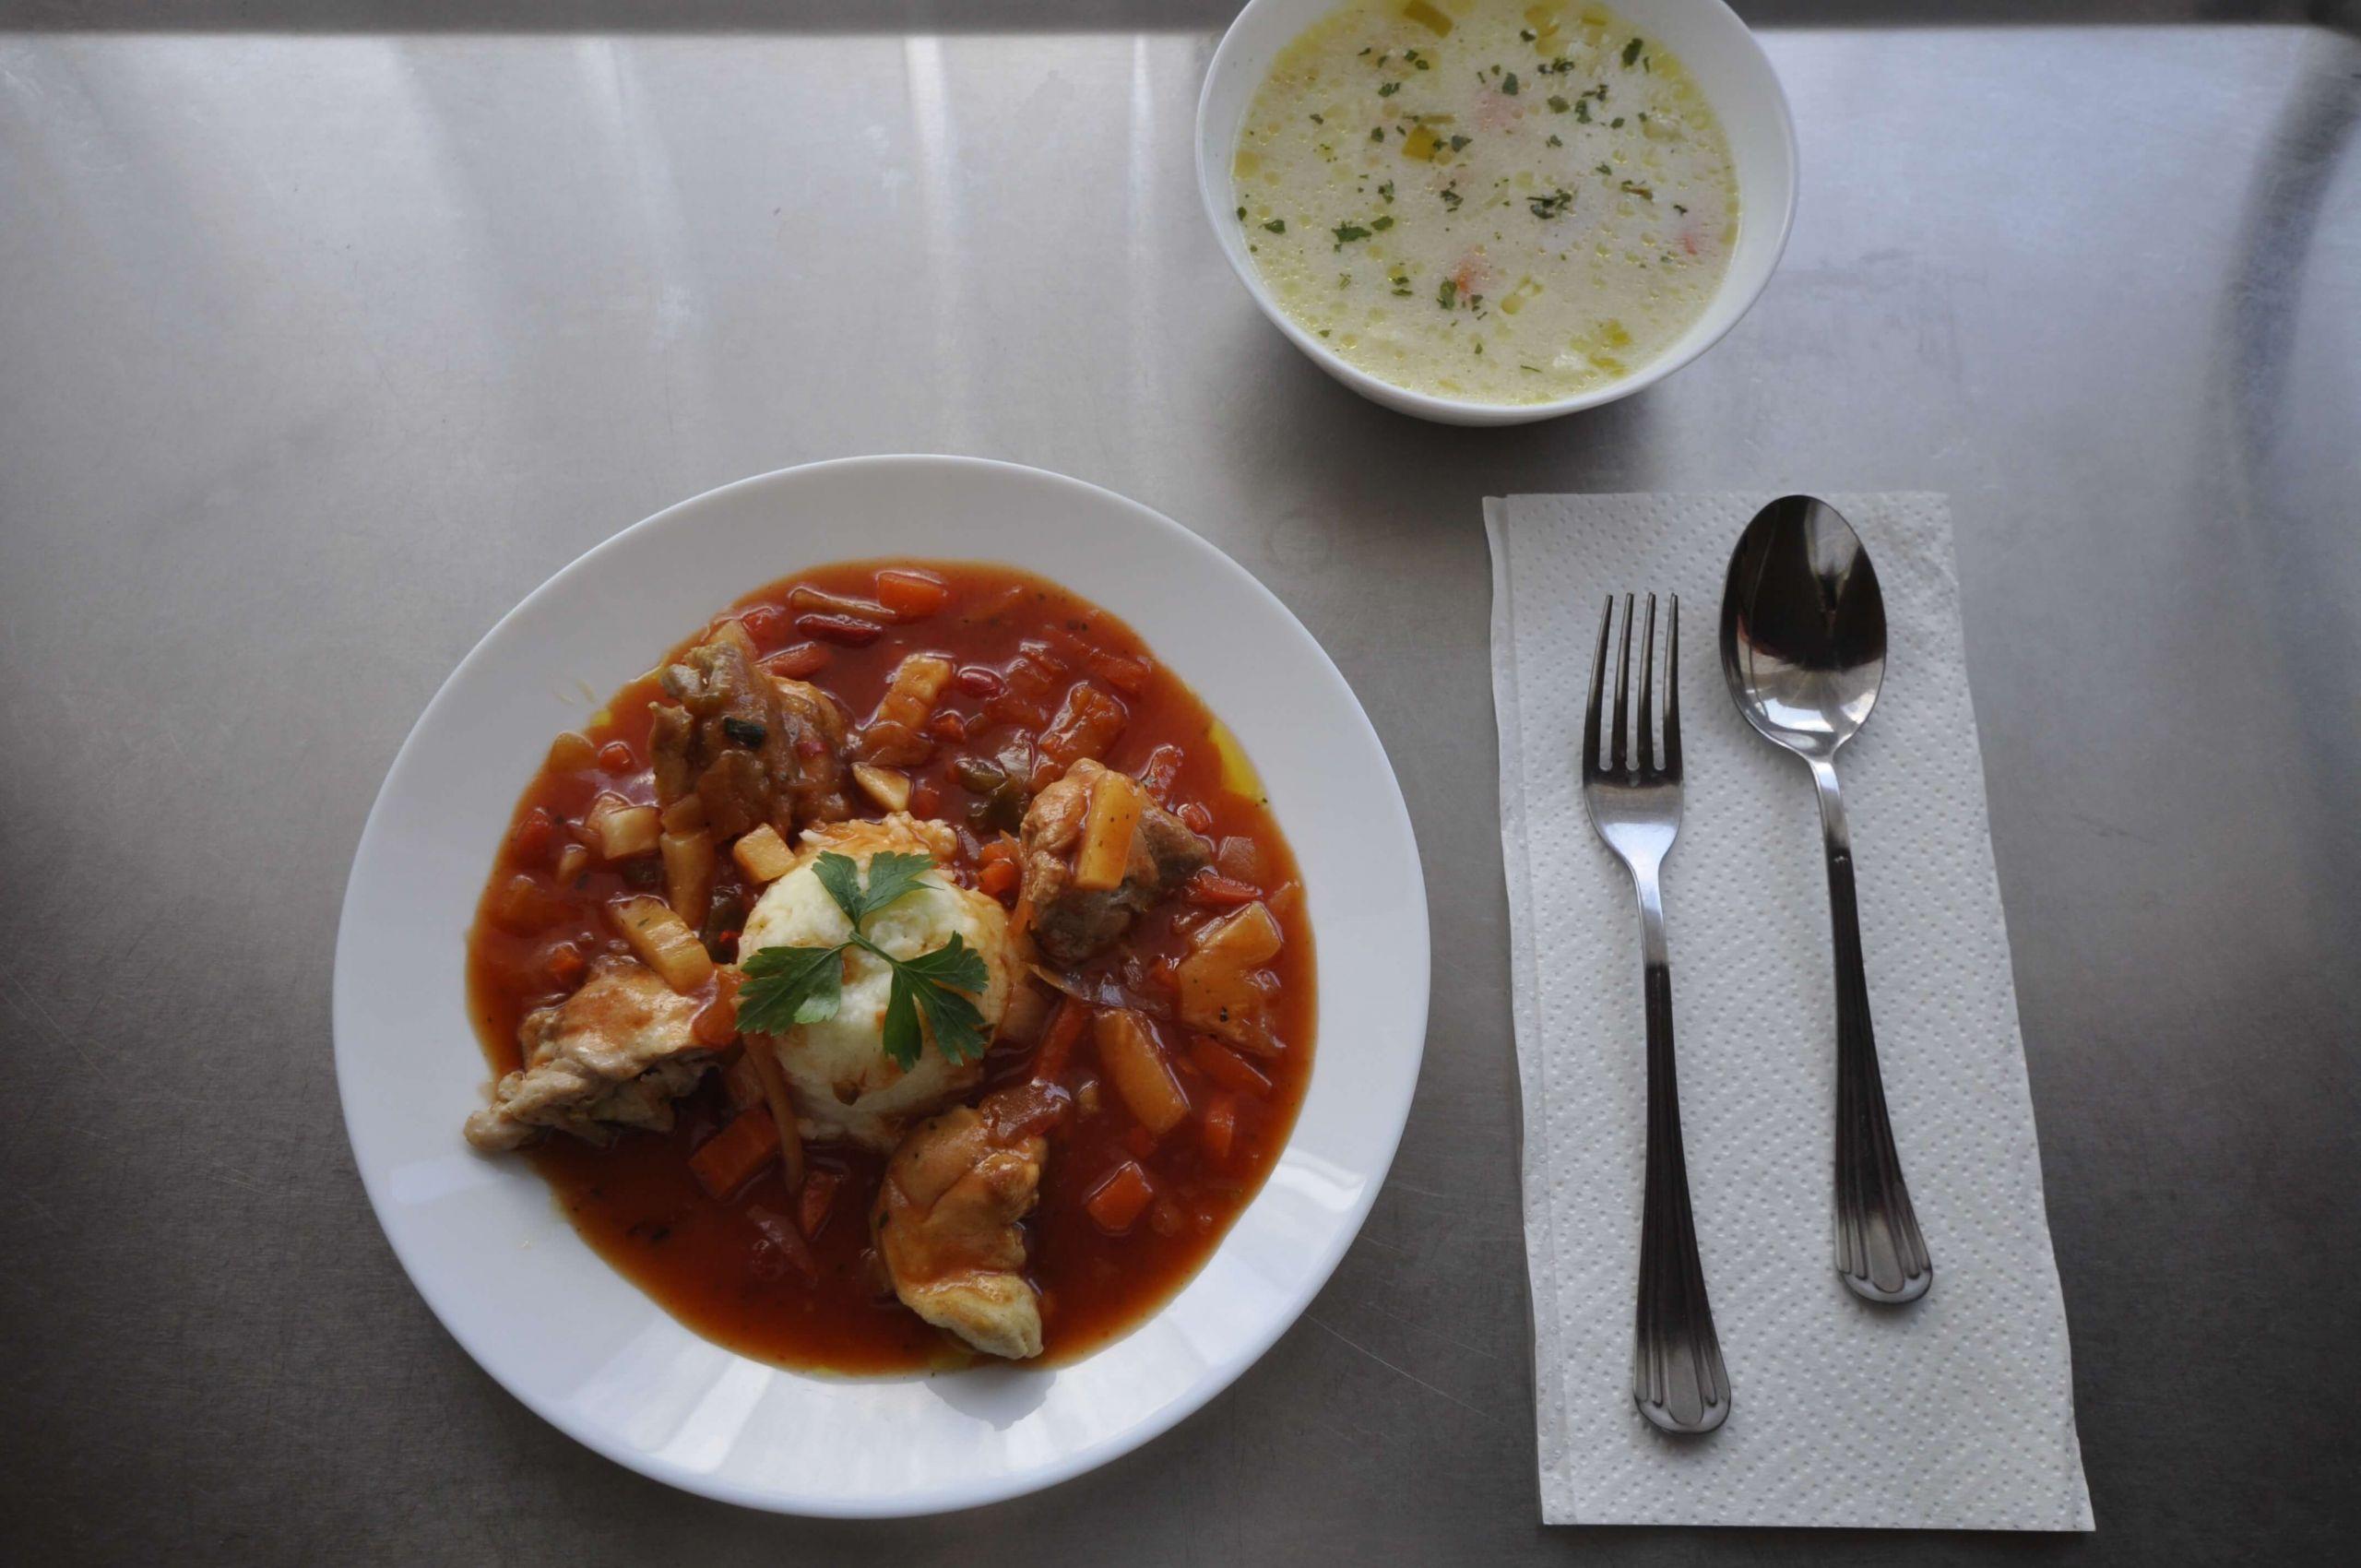 kuchnia kasza kuskus z mięsem z uda kurczaka w sosie słodko kwaśnym oraz zupa porowa